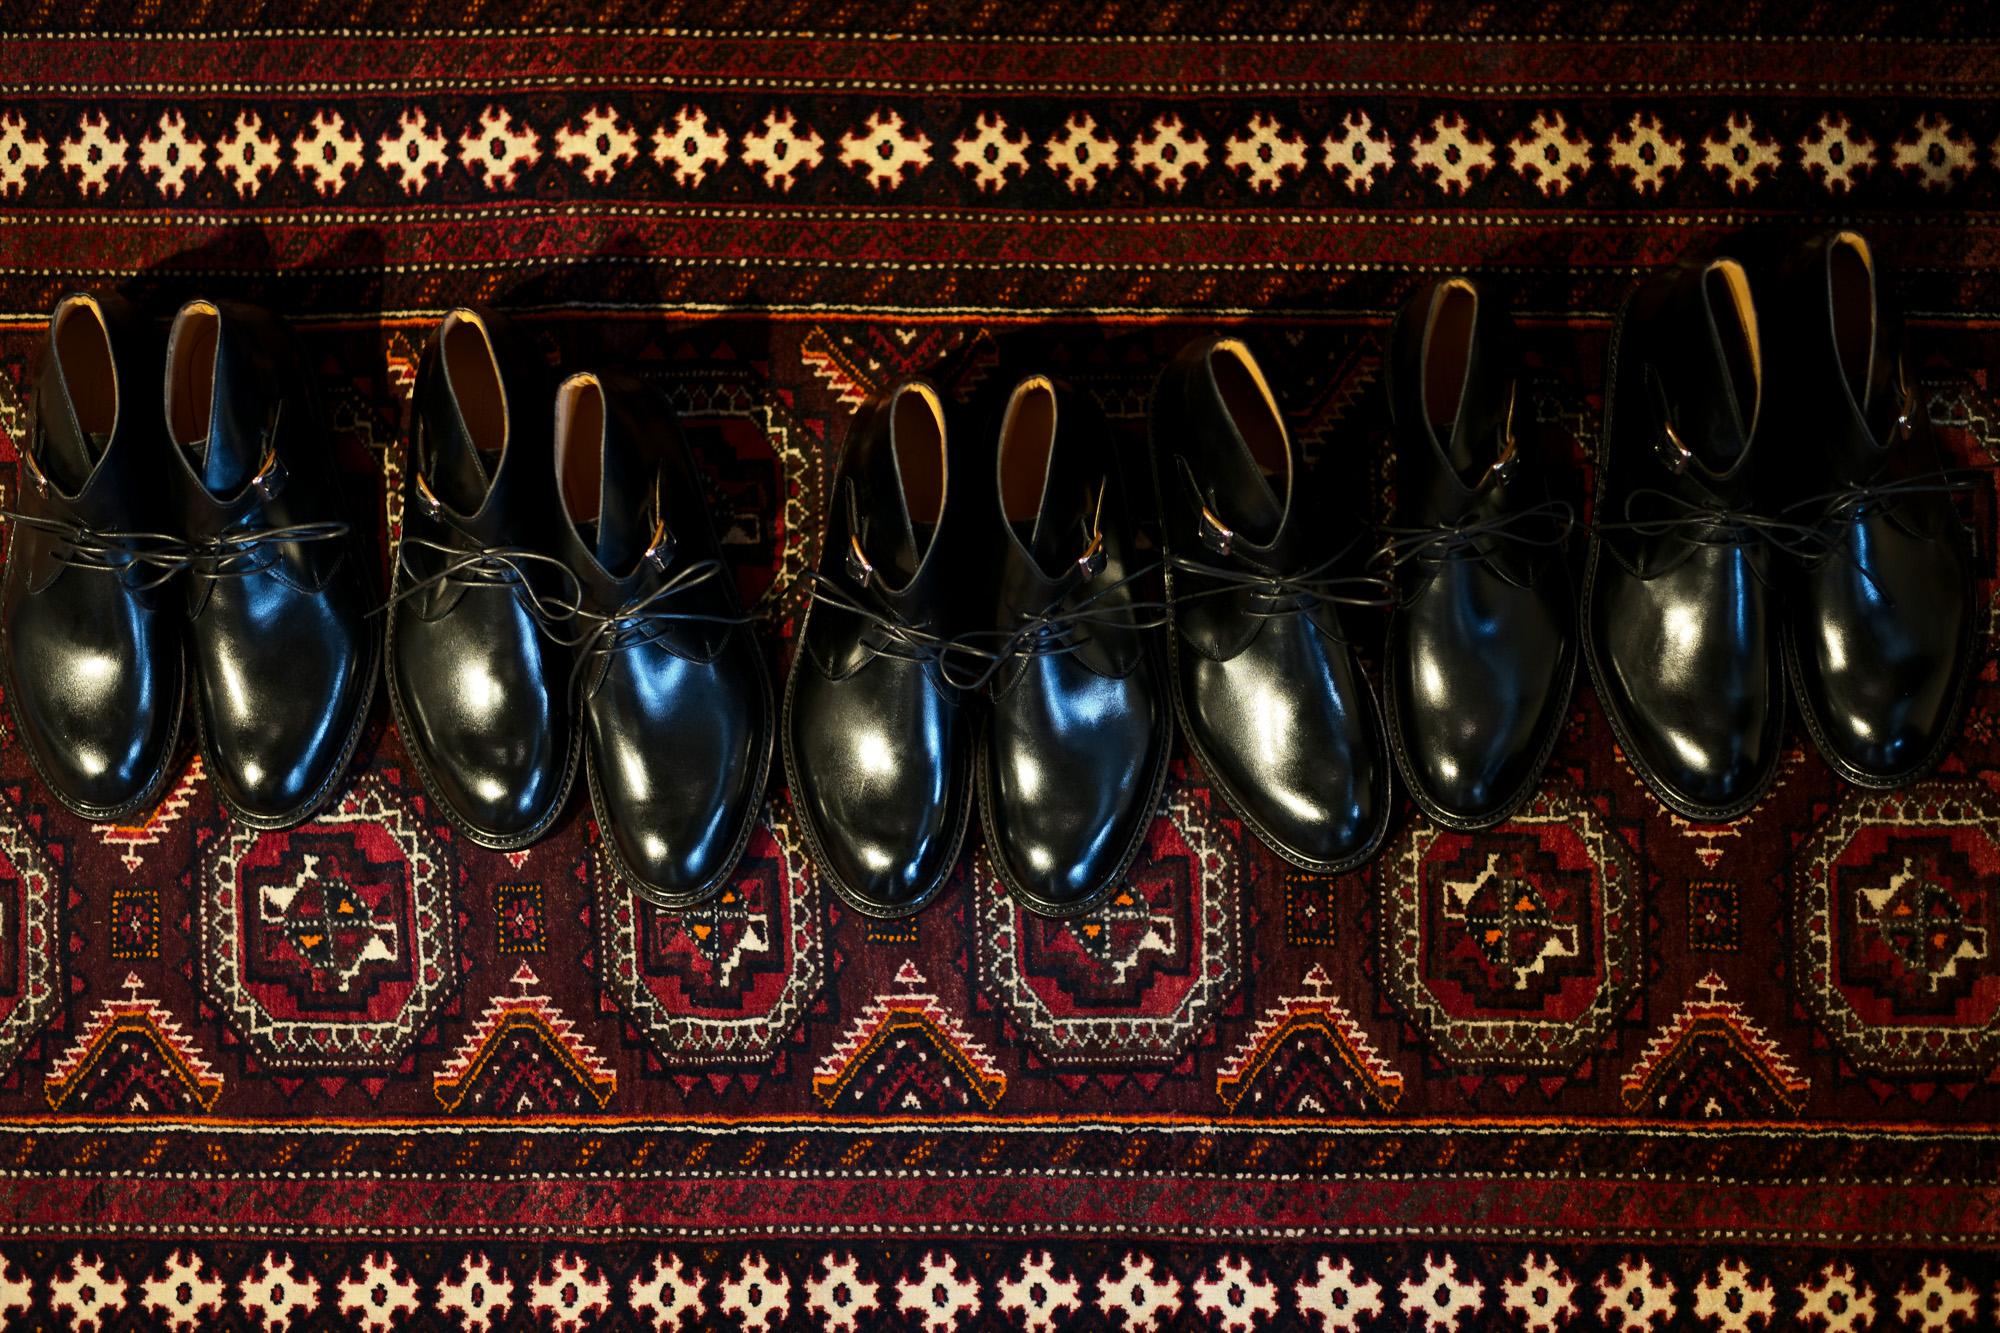 Cuervo (クエルボ) Derringer(デリンジャー) Annonay Vocalou Calf Leather アノネイ社 ボカルーカーフレザー Chukka Boots チャッカブーツ  BLACK(ブラック) MADE IN JAPAN(日本製) 2019 秋冬新作 愛知 名古屋 altoediritto アルトエデリット ブーツ